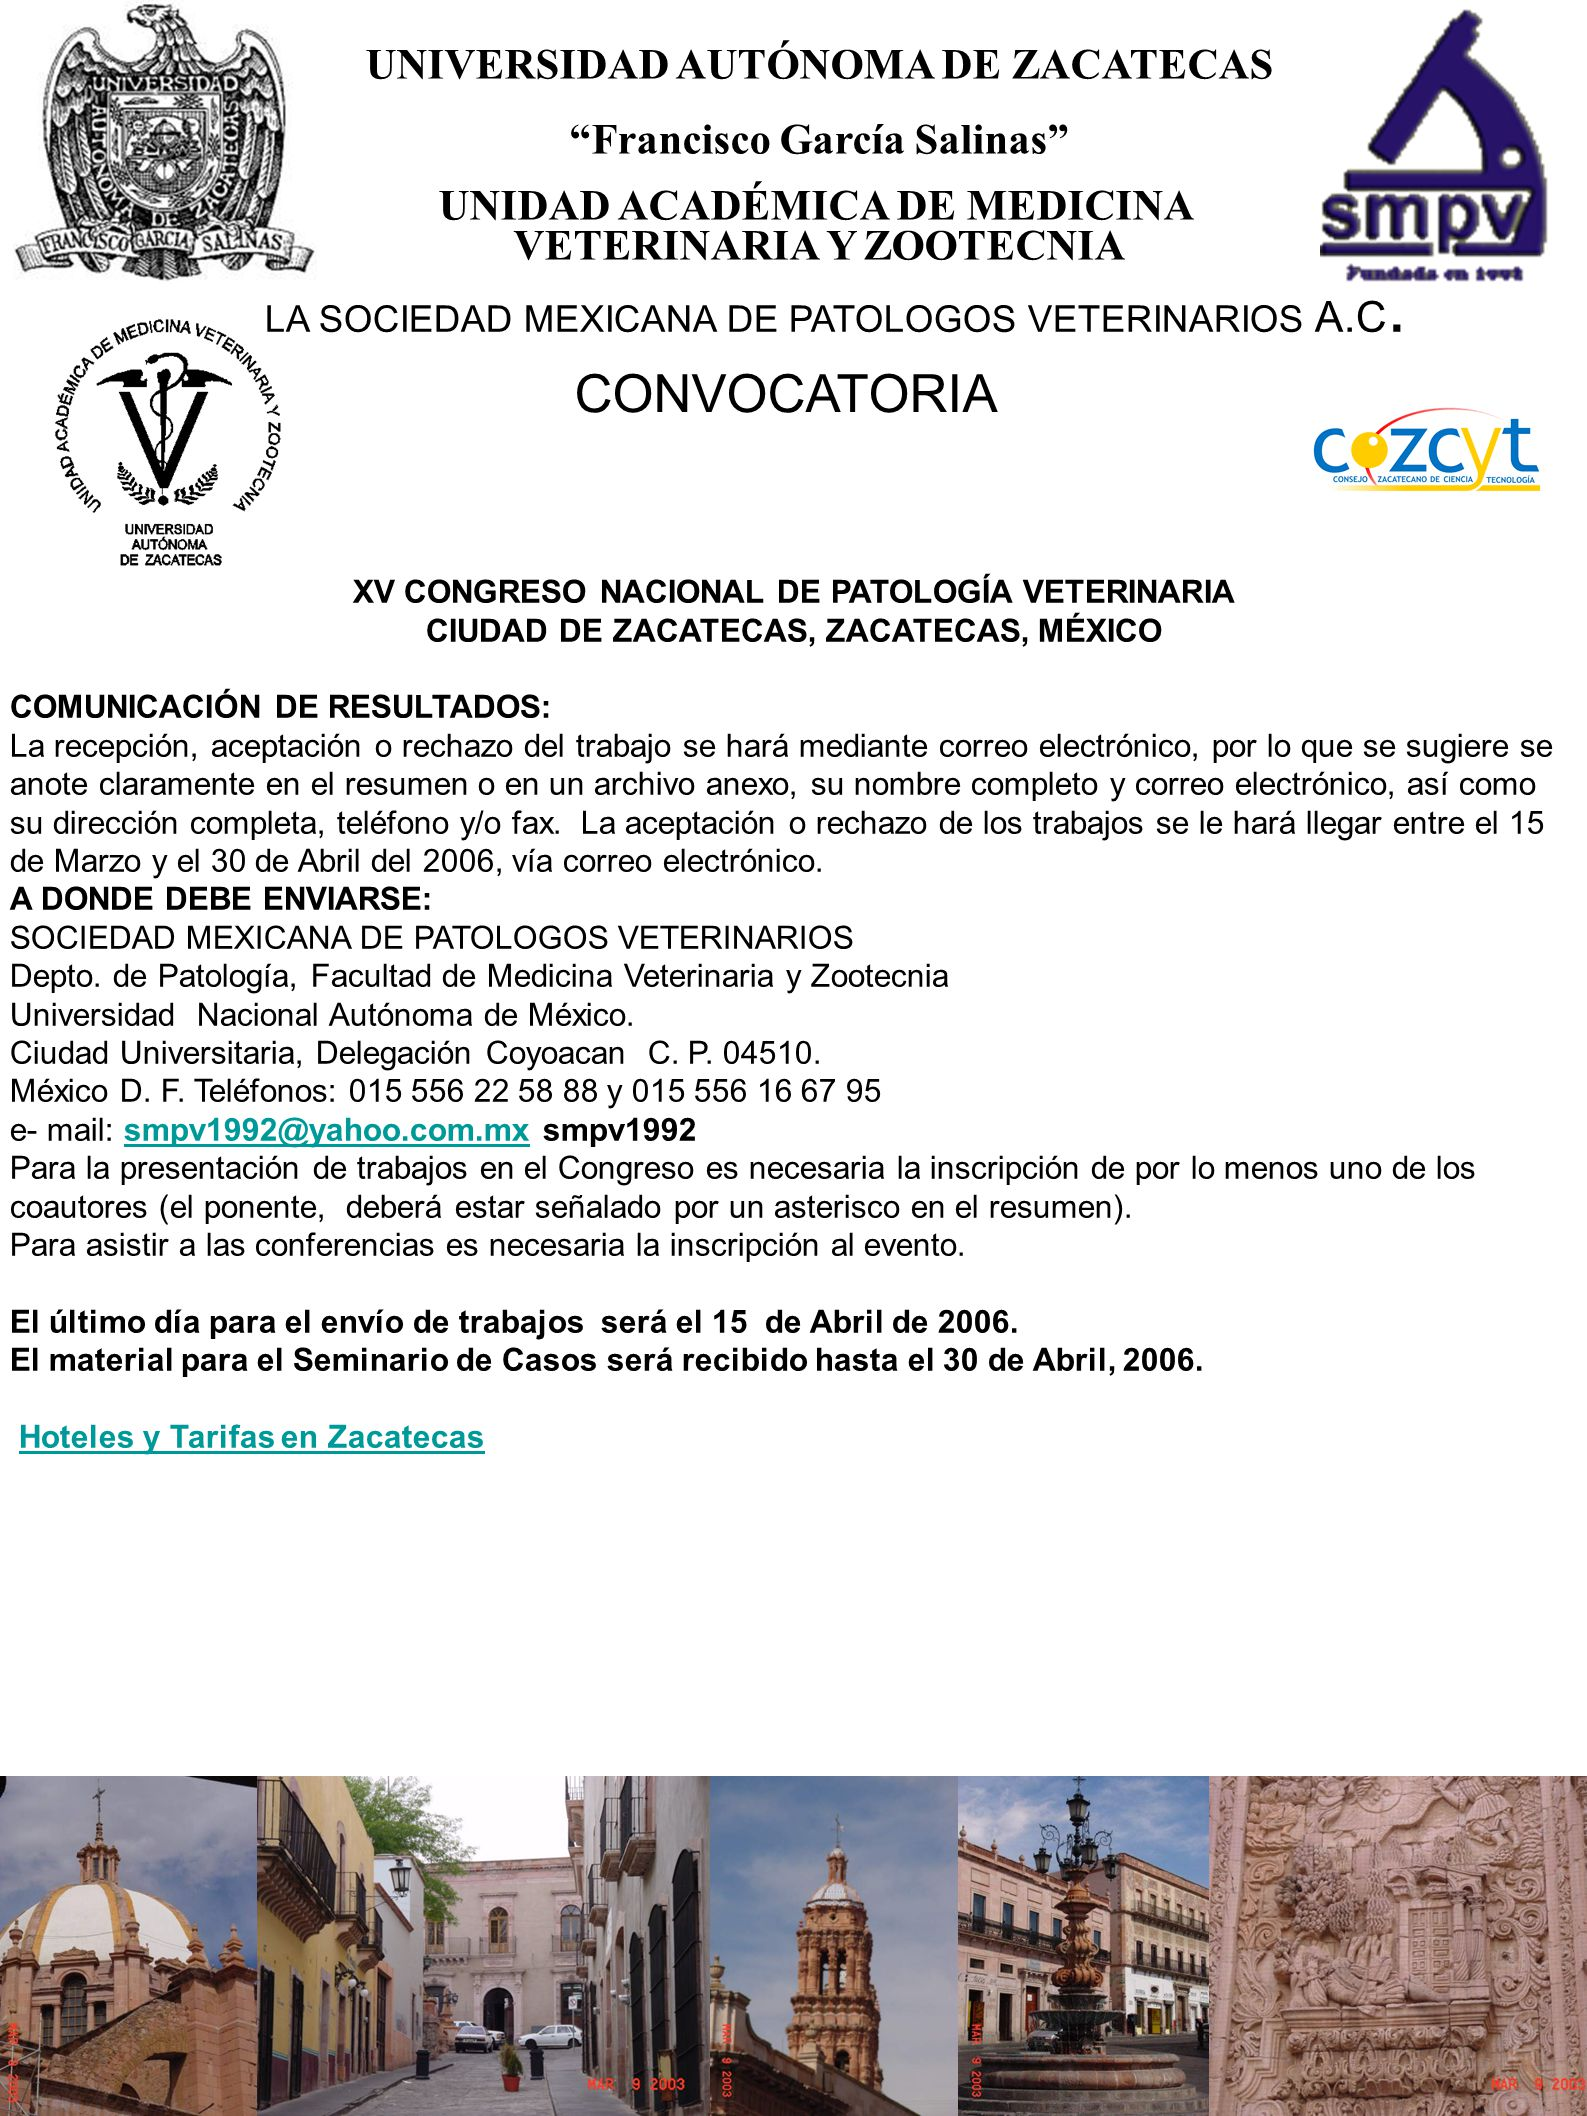 5 UNIVERSIDAD AUTÓNOMA DE ZACATECAS Francisco García Salinas UNIDAD ACADÉMICA DE MEDICINA VETERINARIA Y ZOOTECNIA CONVOCATORIA LA SOCIEDAD MEXICANA DE